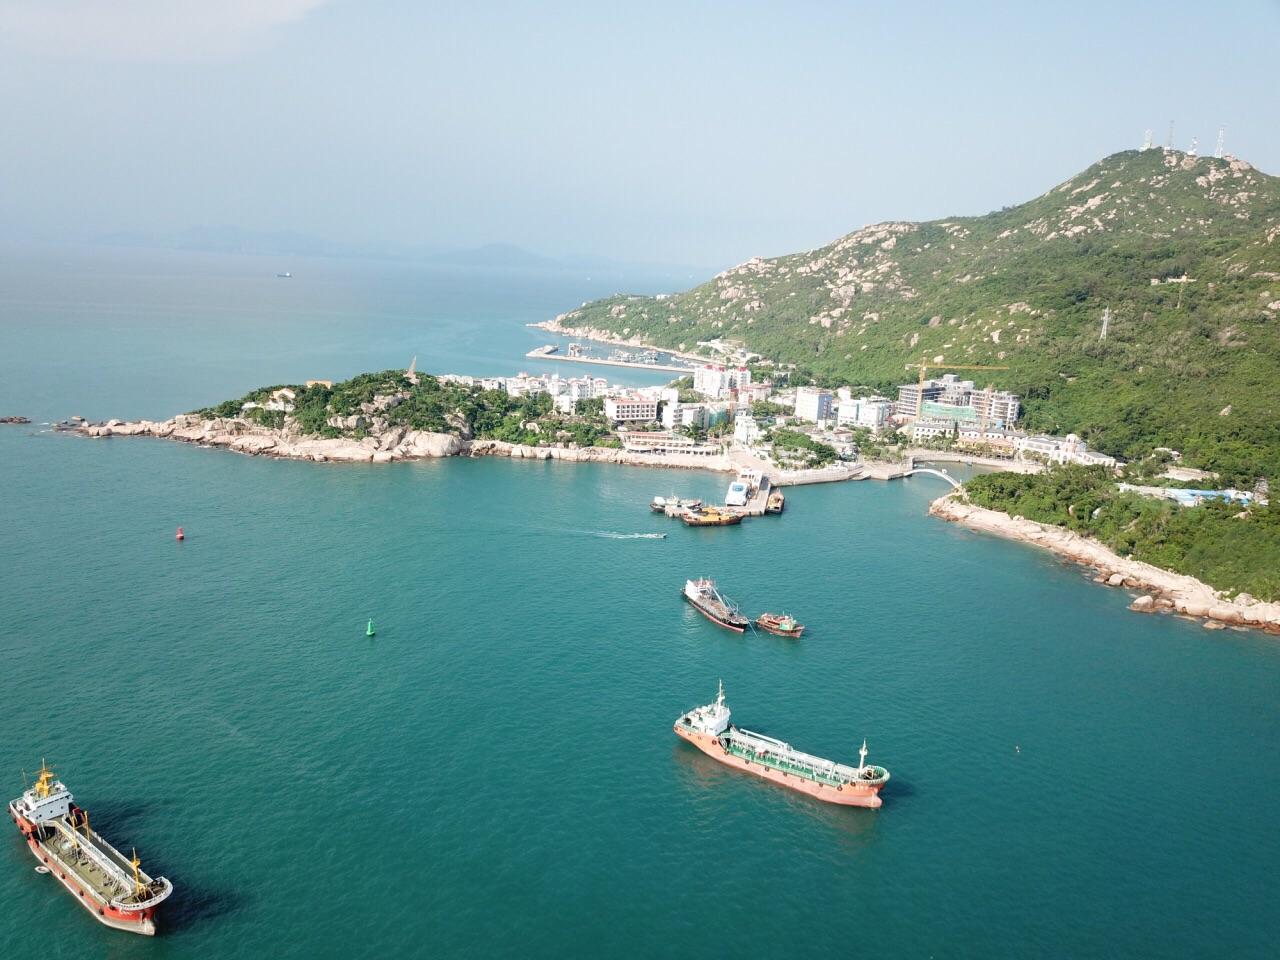 珠海伶仃島旅游指南_珠海外伶仃島二日自助游_珠海伶仃島在哪里